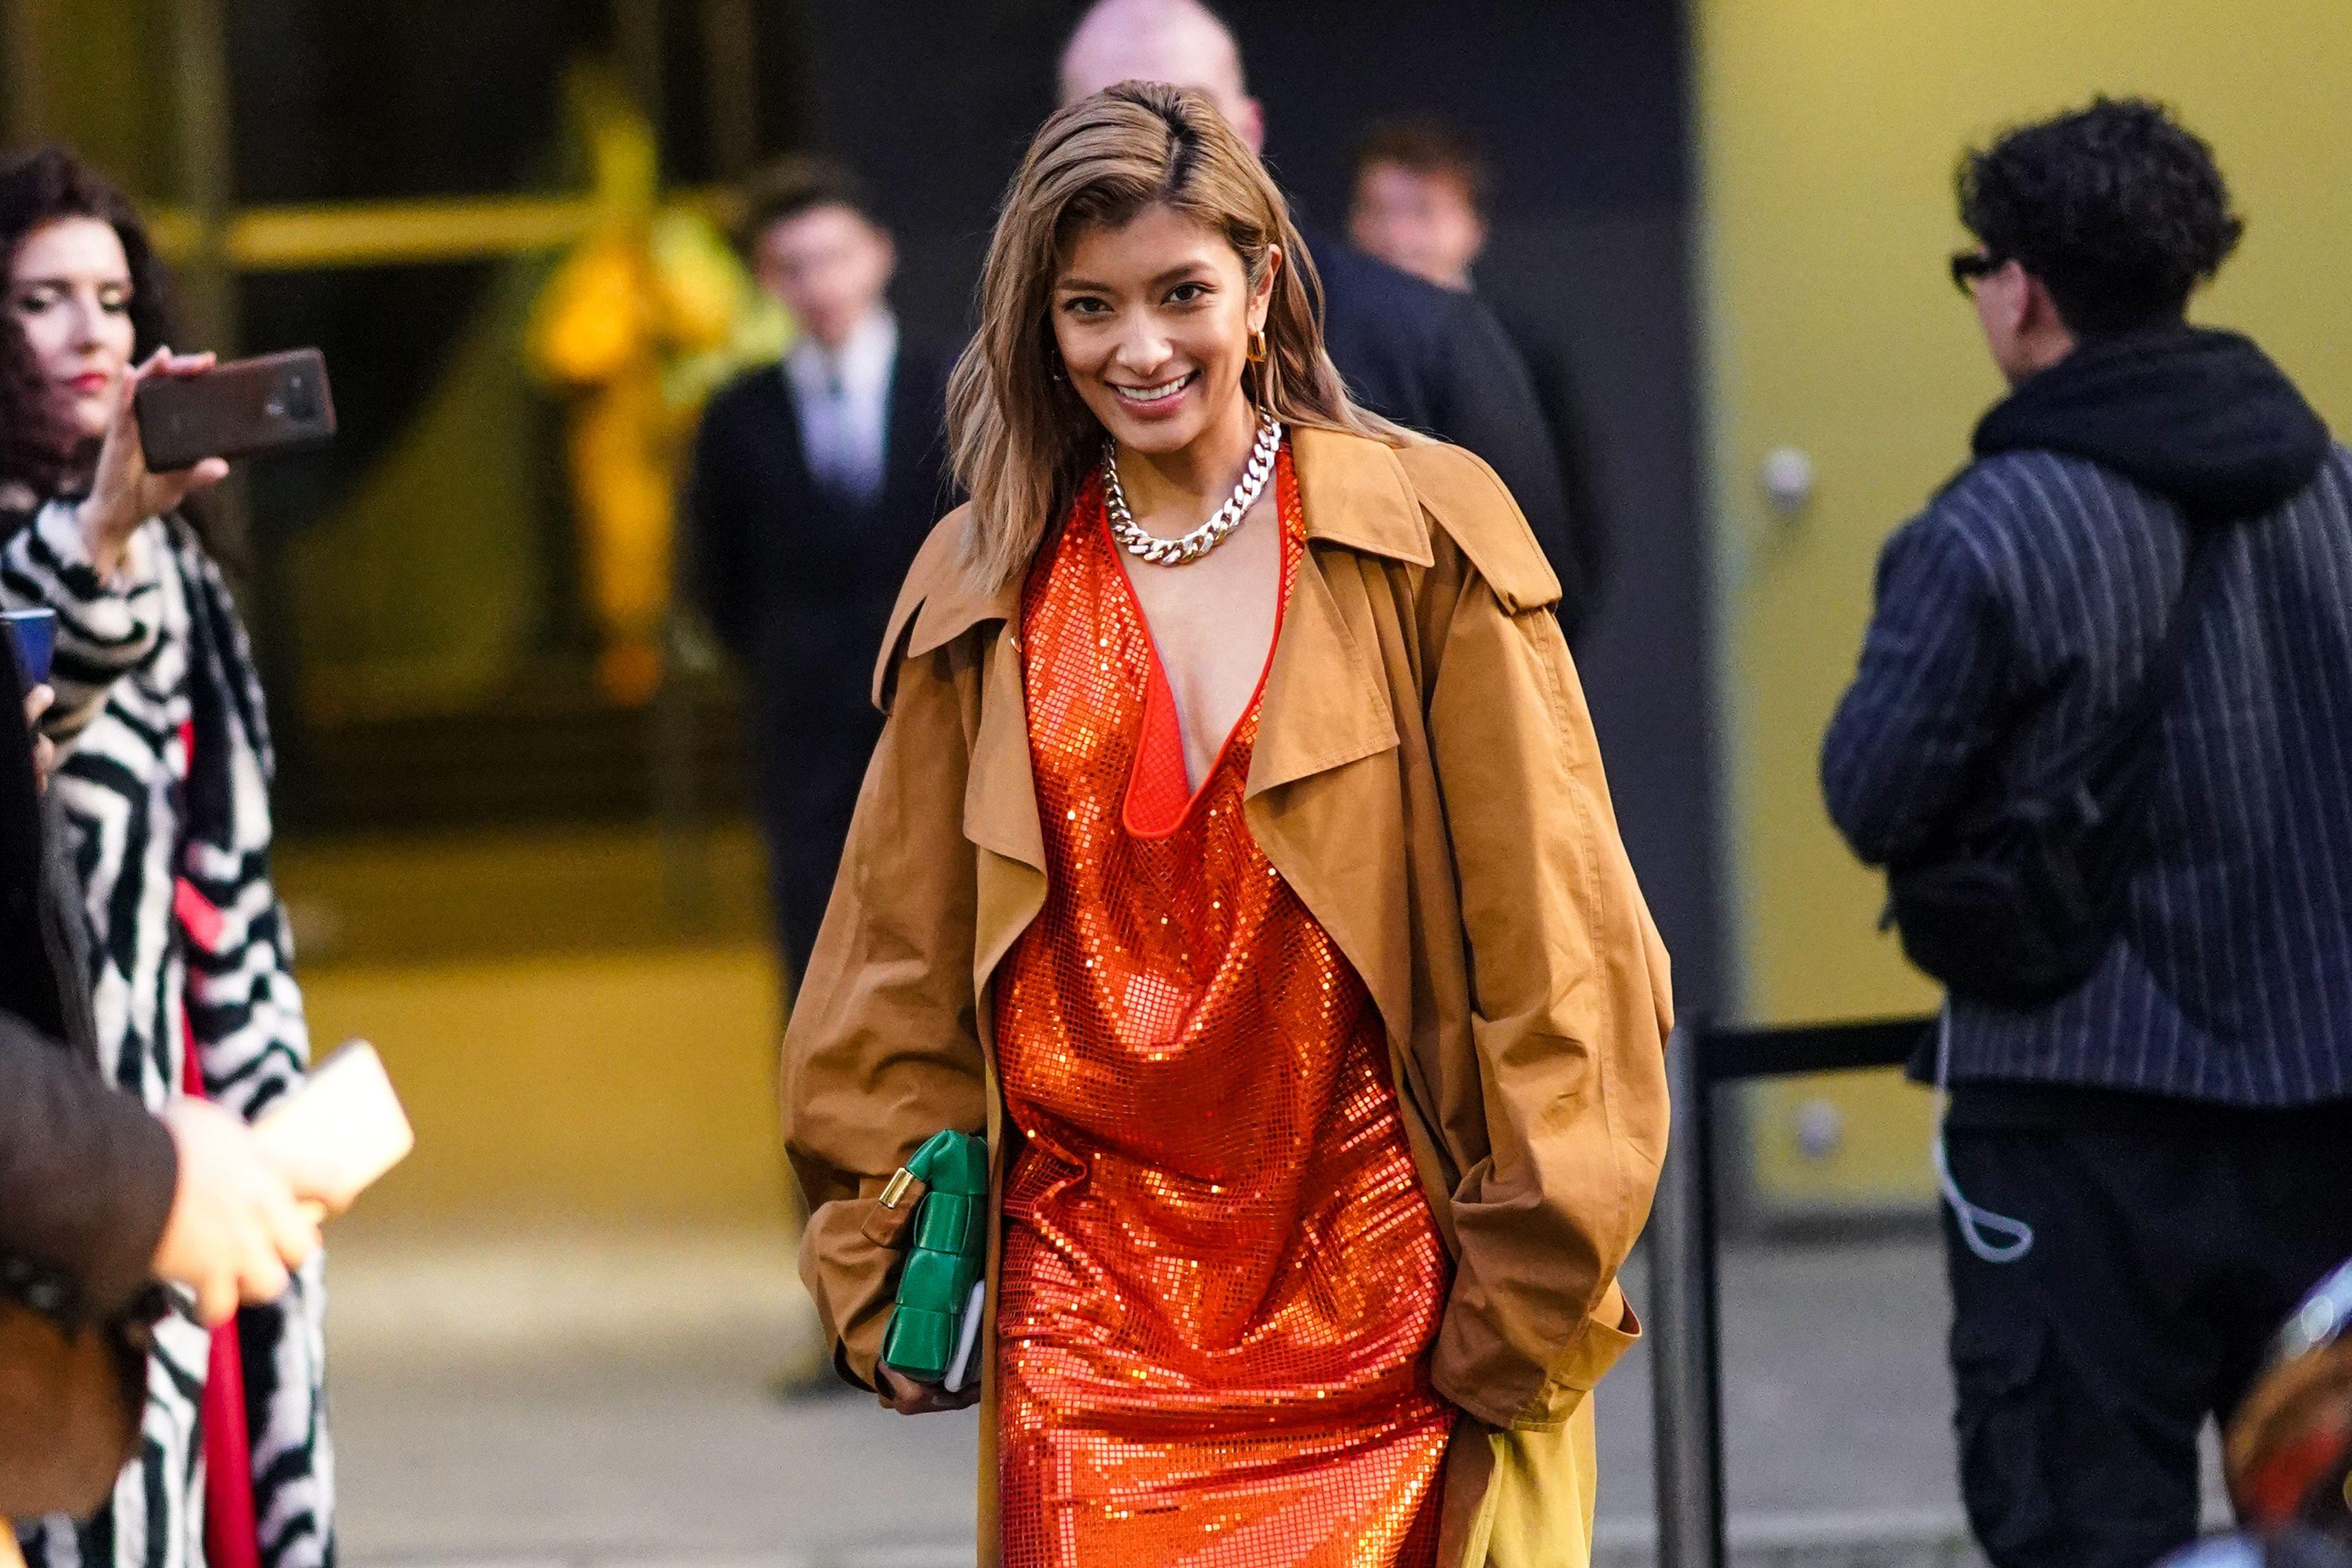 Faltan 193 días para Nochevieja, pero Zara ya sabe el vestido que te vas a poner